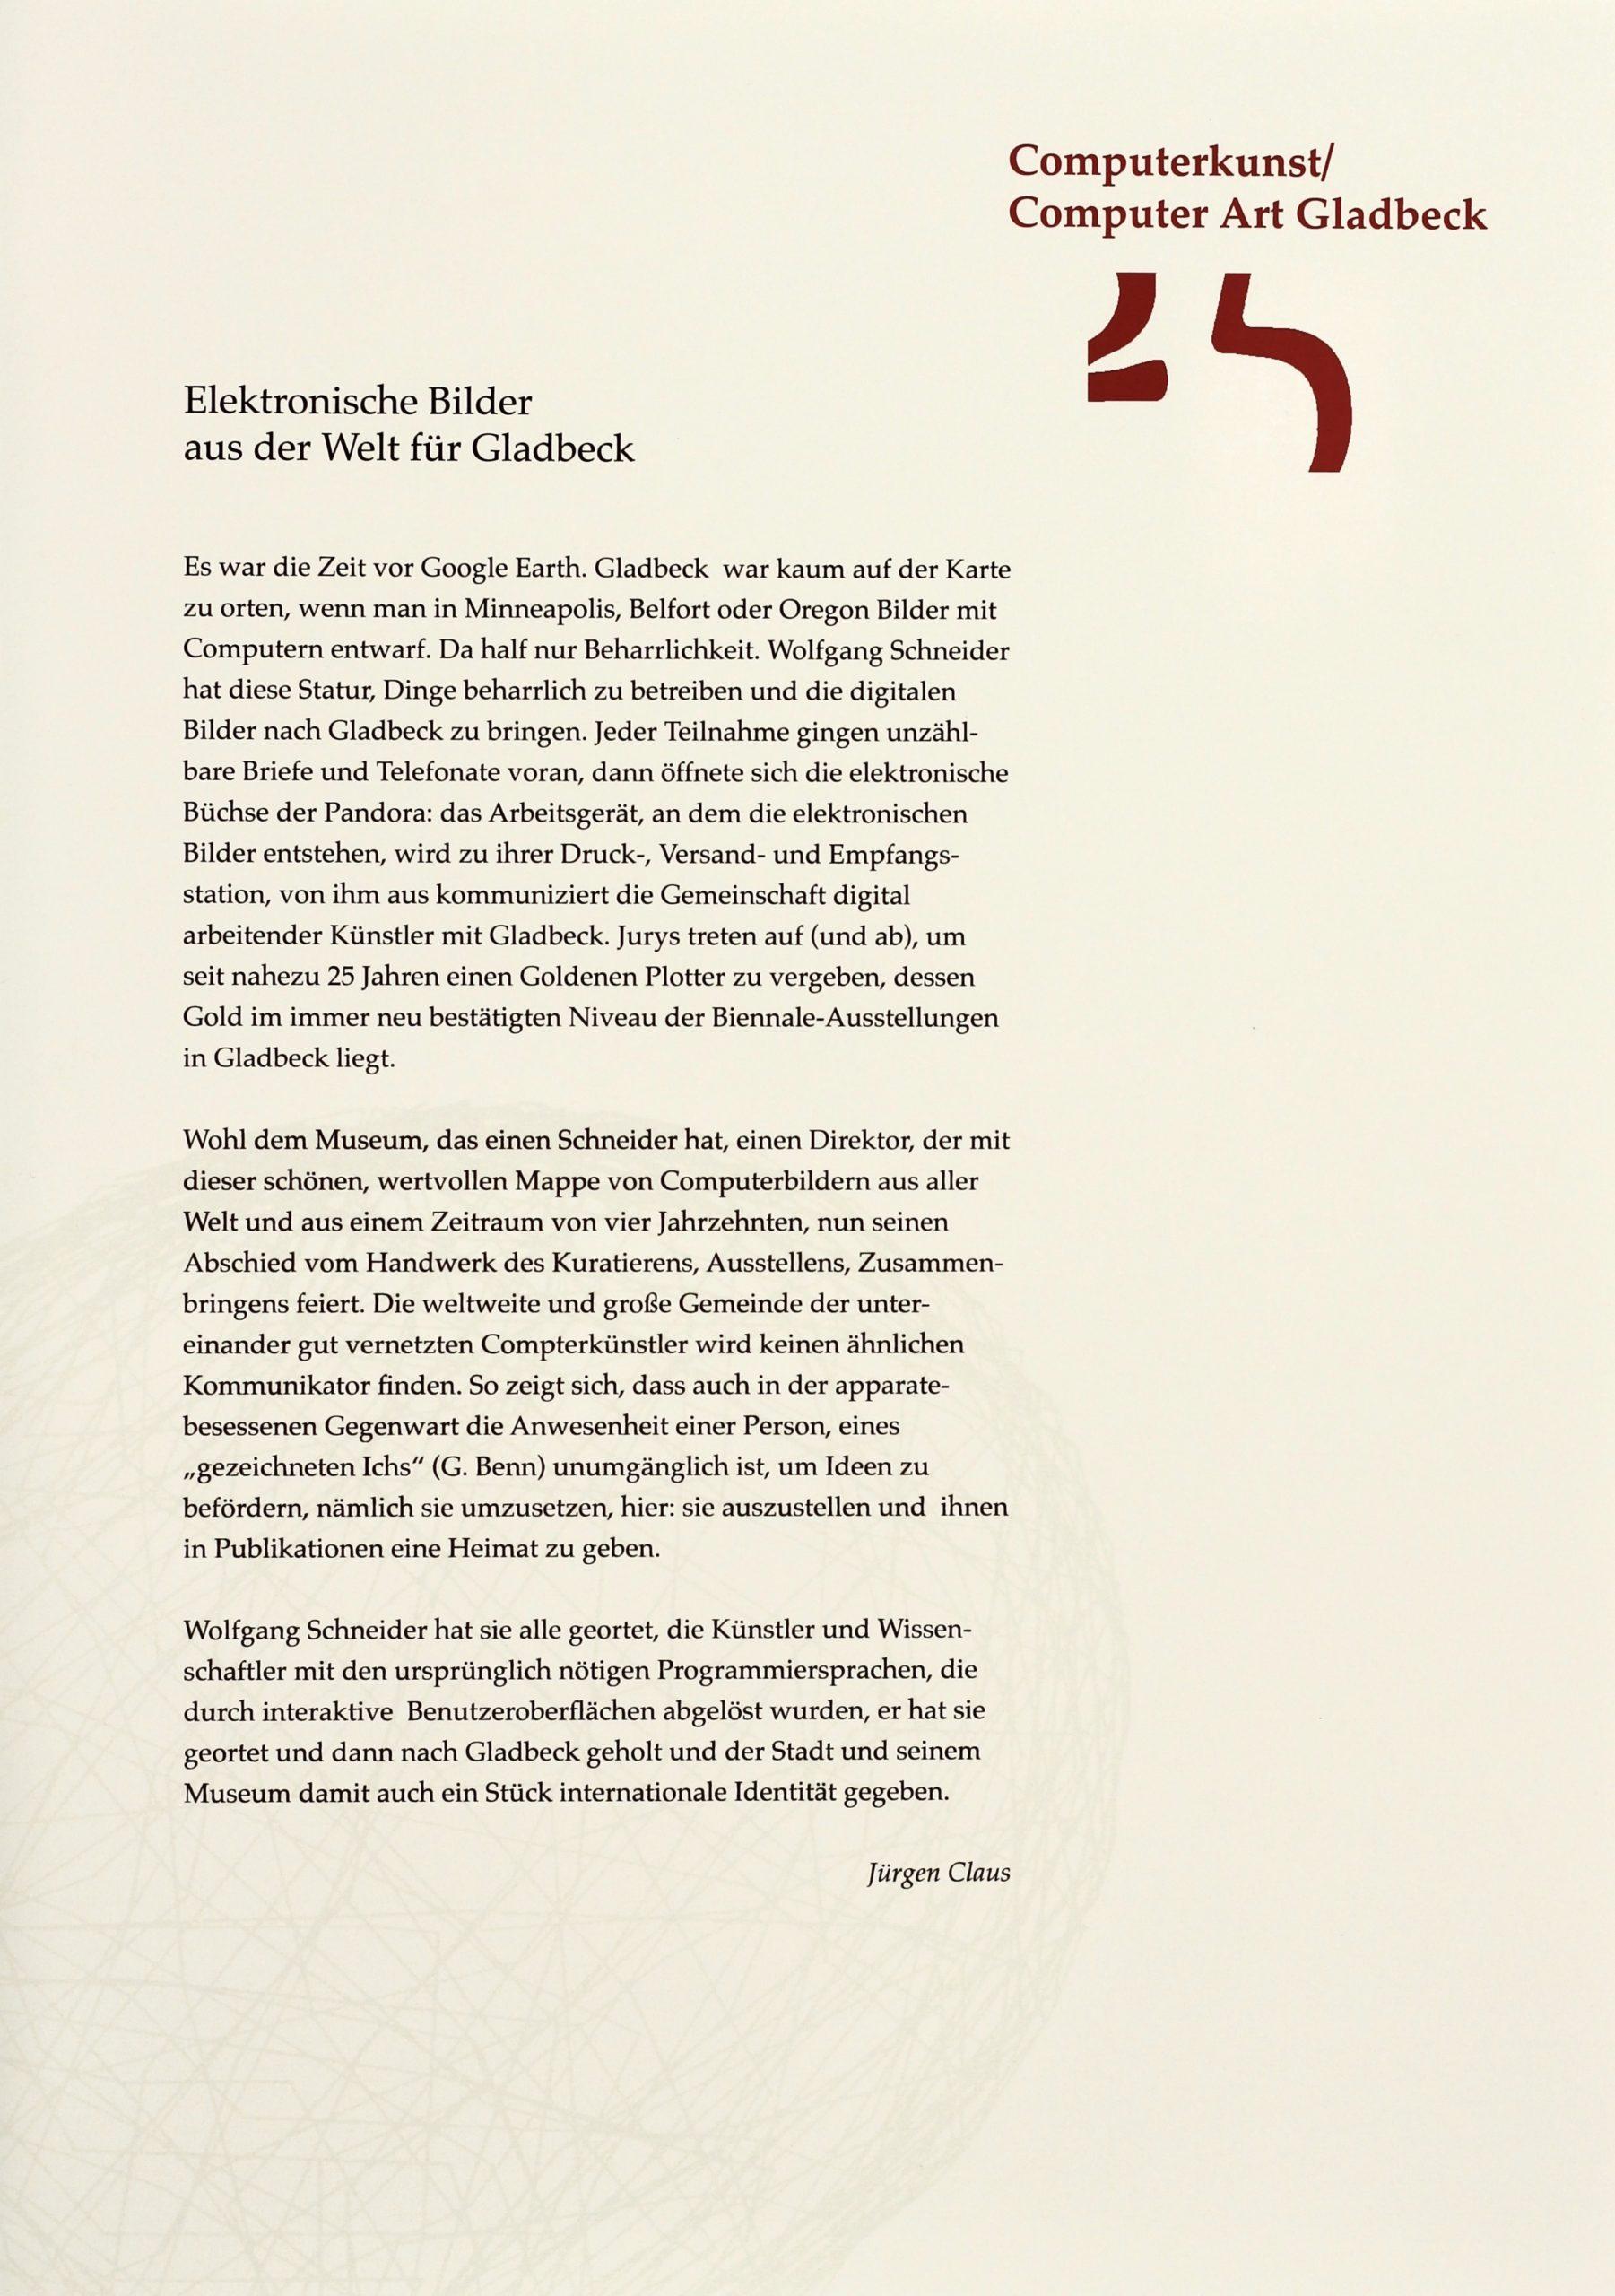 25 Jahre Computerkunst, Mappe Gladbeck, Essay